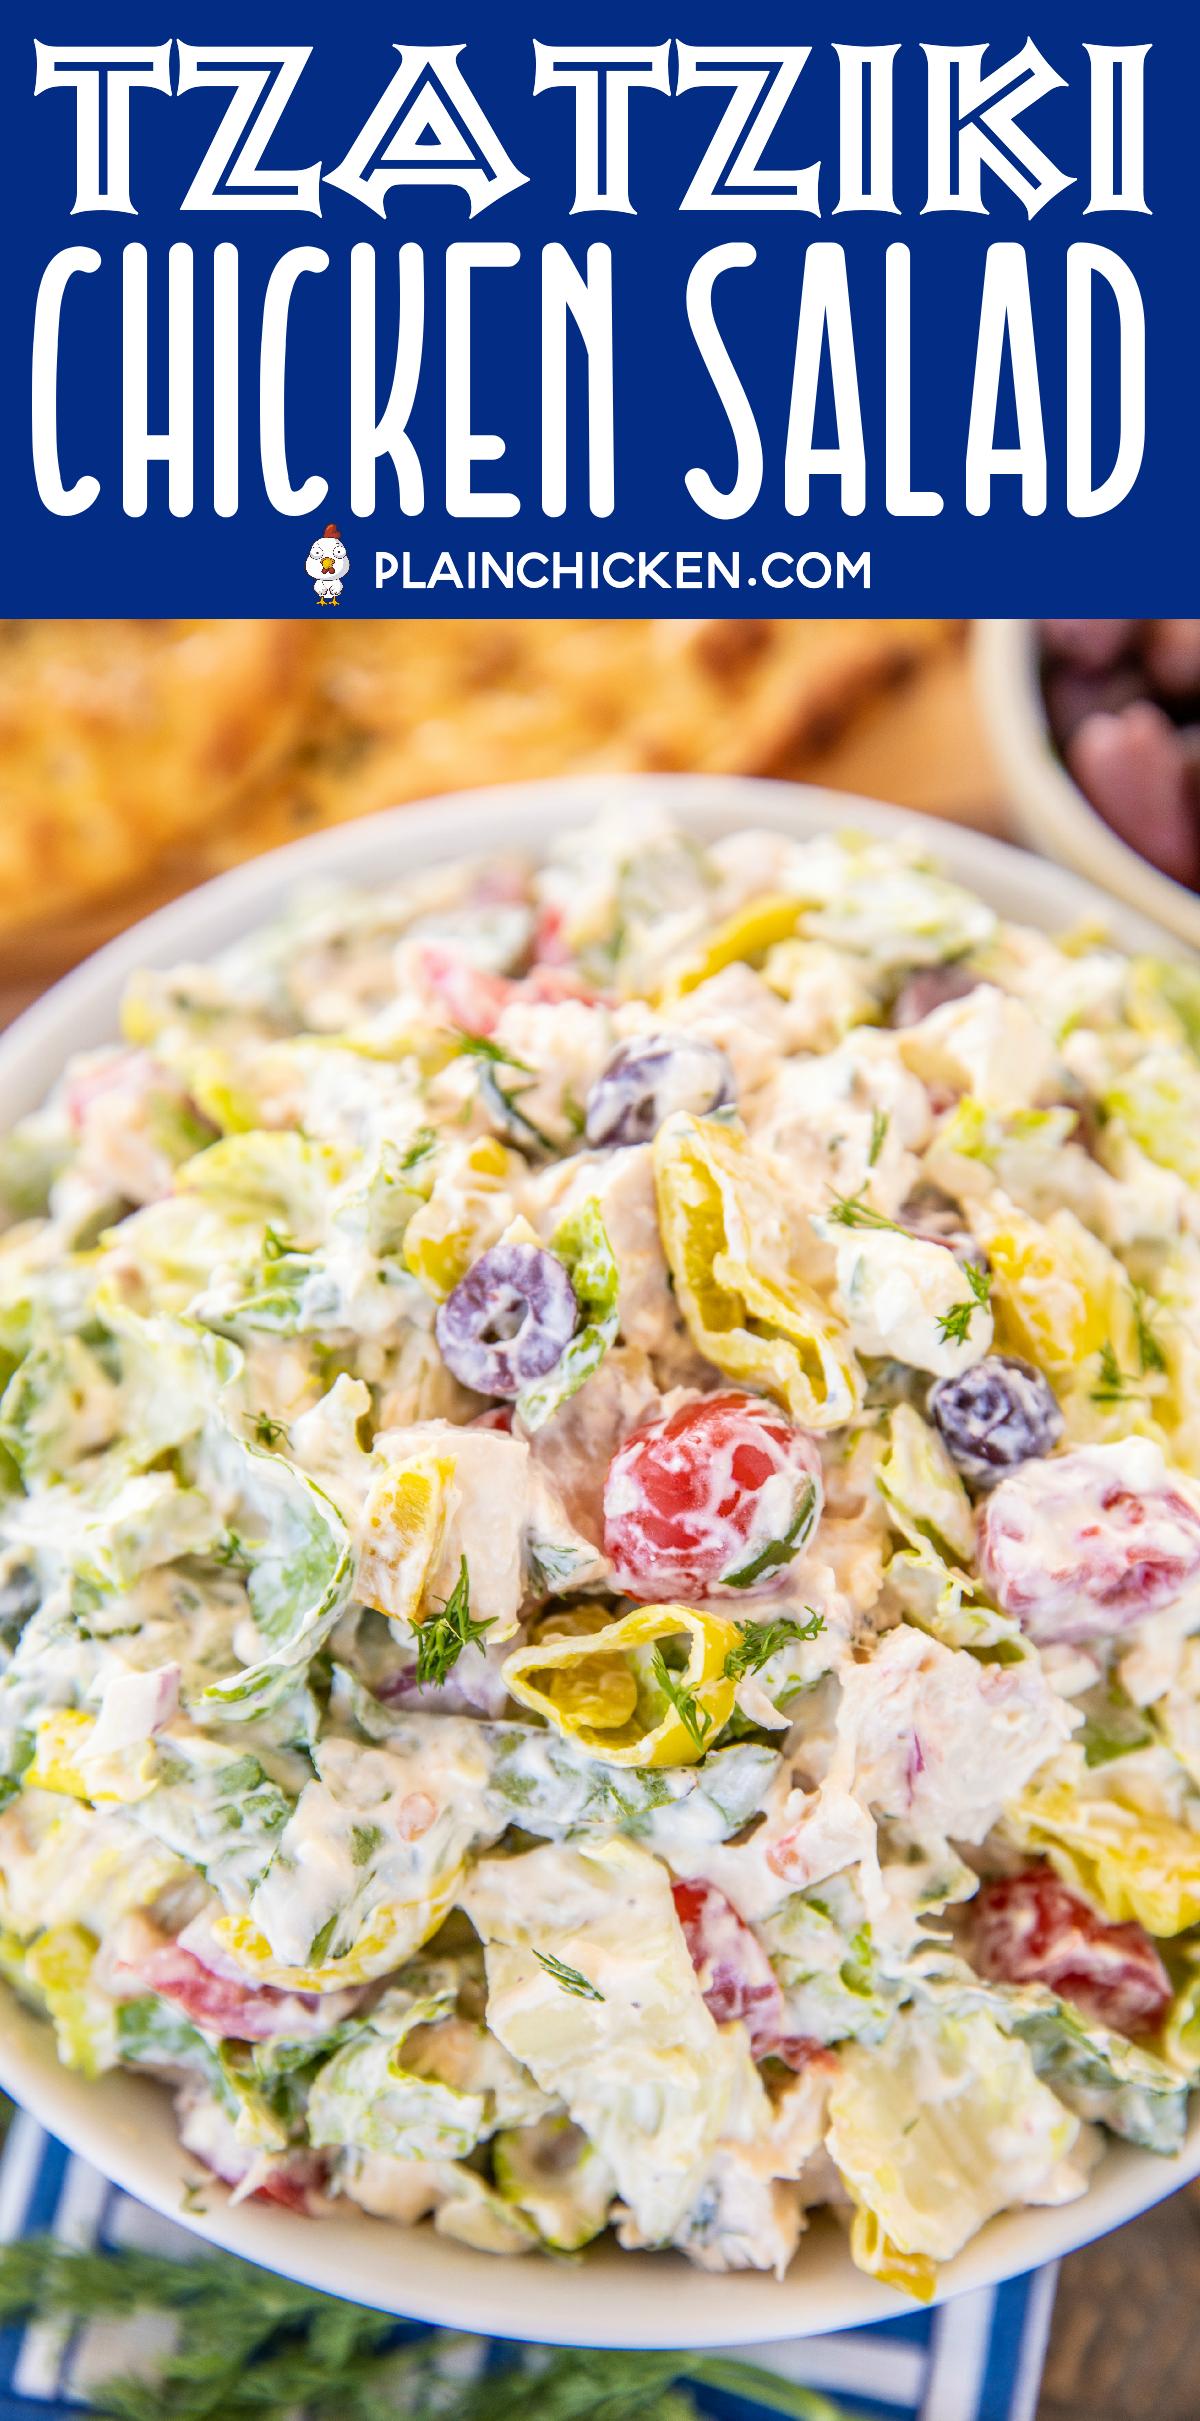 Tzatziki Chicken Salad - Plain Chicken